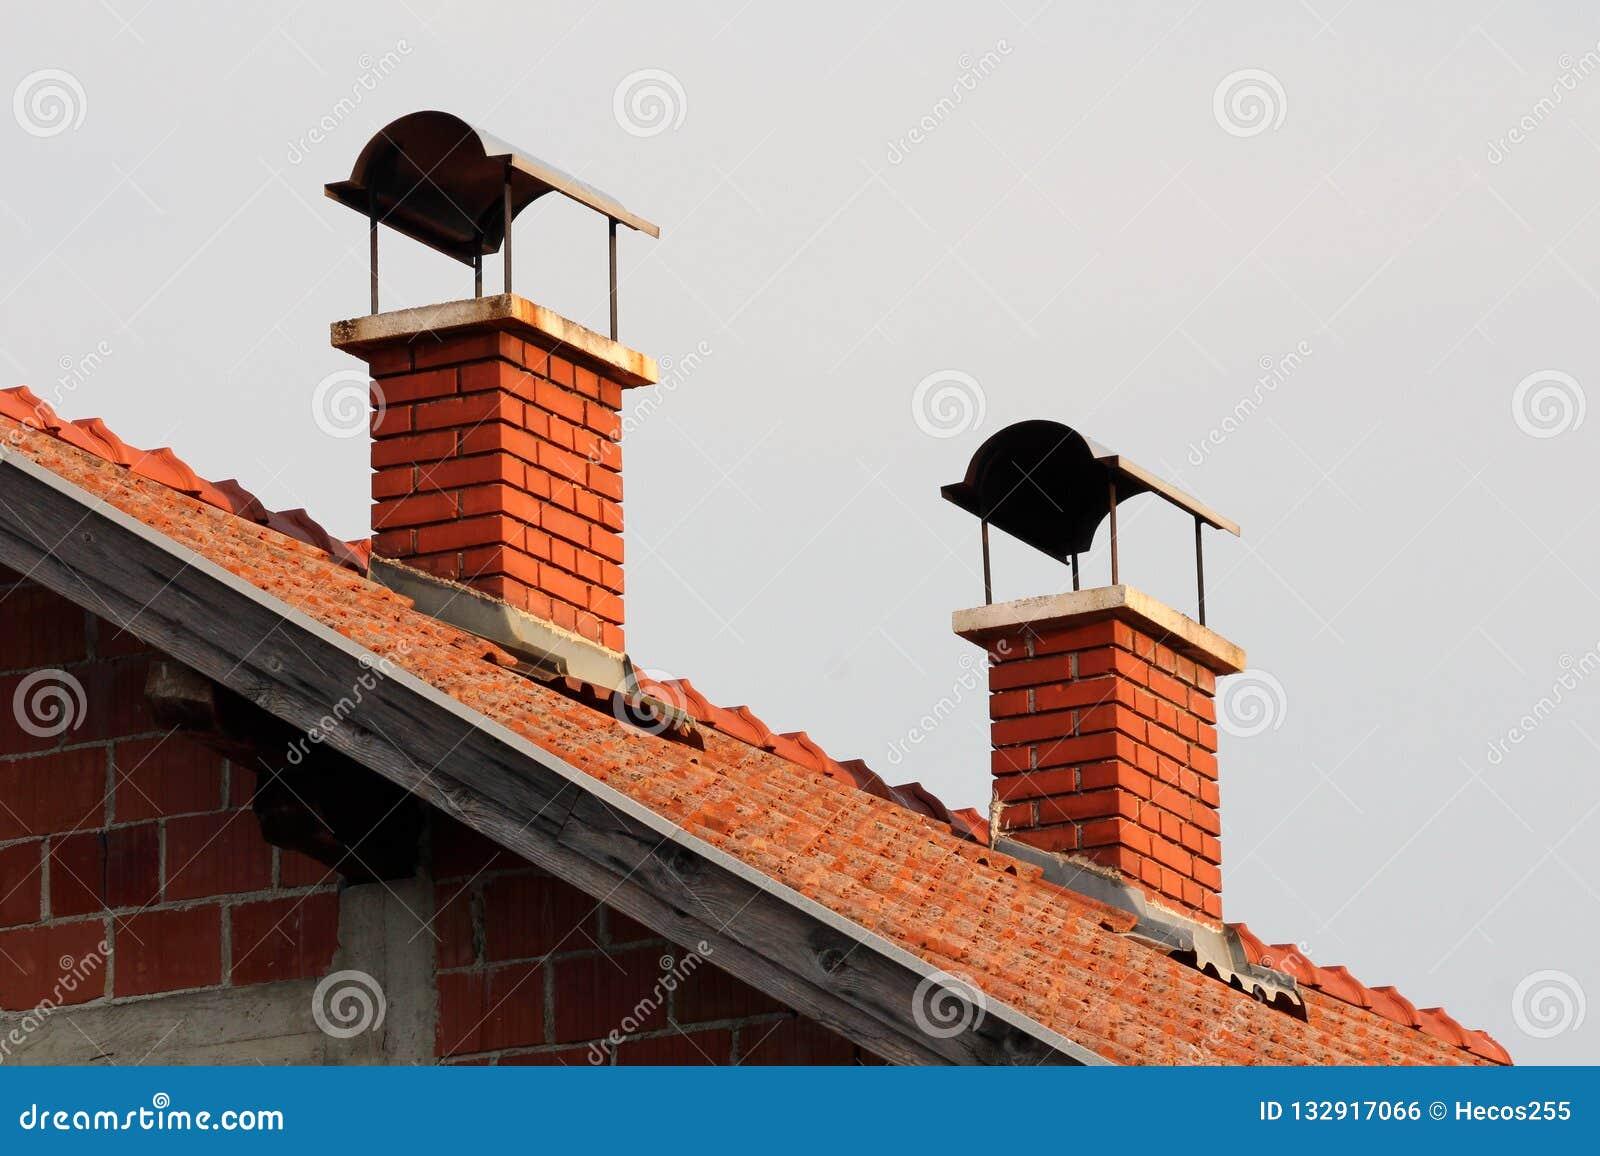 有金属保护的红砖烟囱在未完成的郊区家庭房子的上面日落的